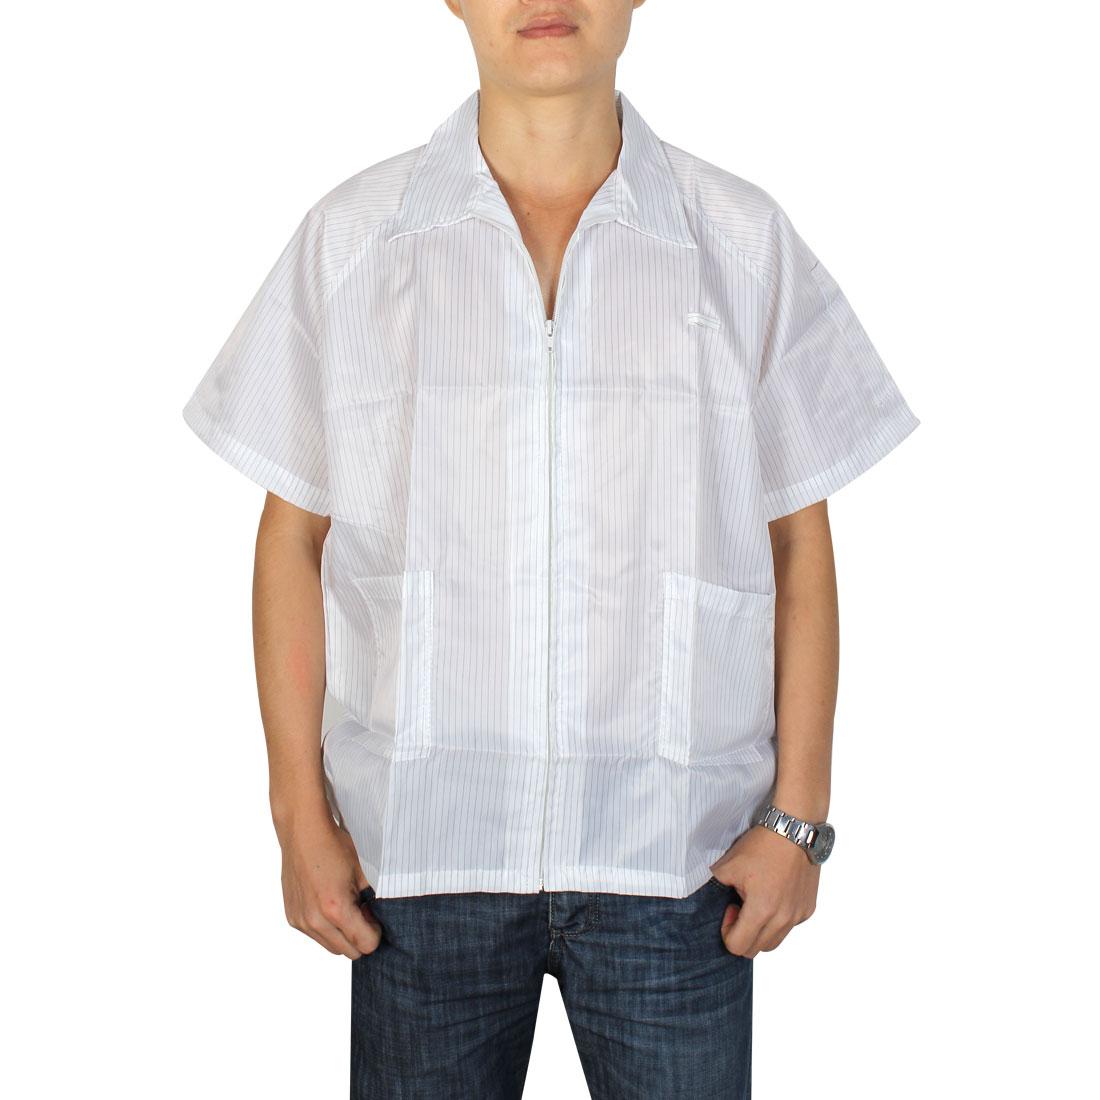 Unisex Short Sleeve Stripes Pattern Anti Static Jacket Shirt Coat White M